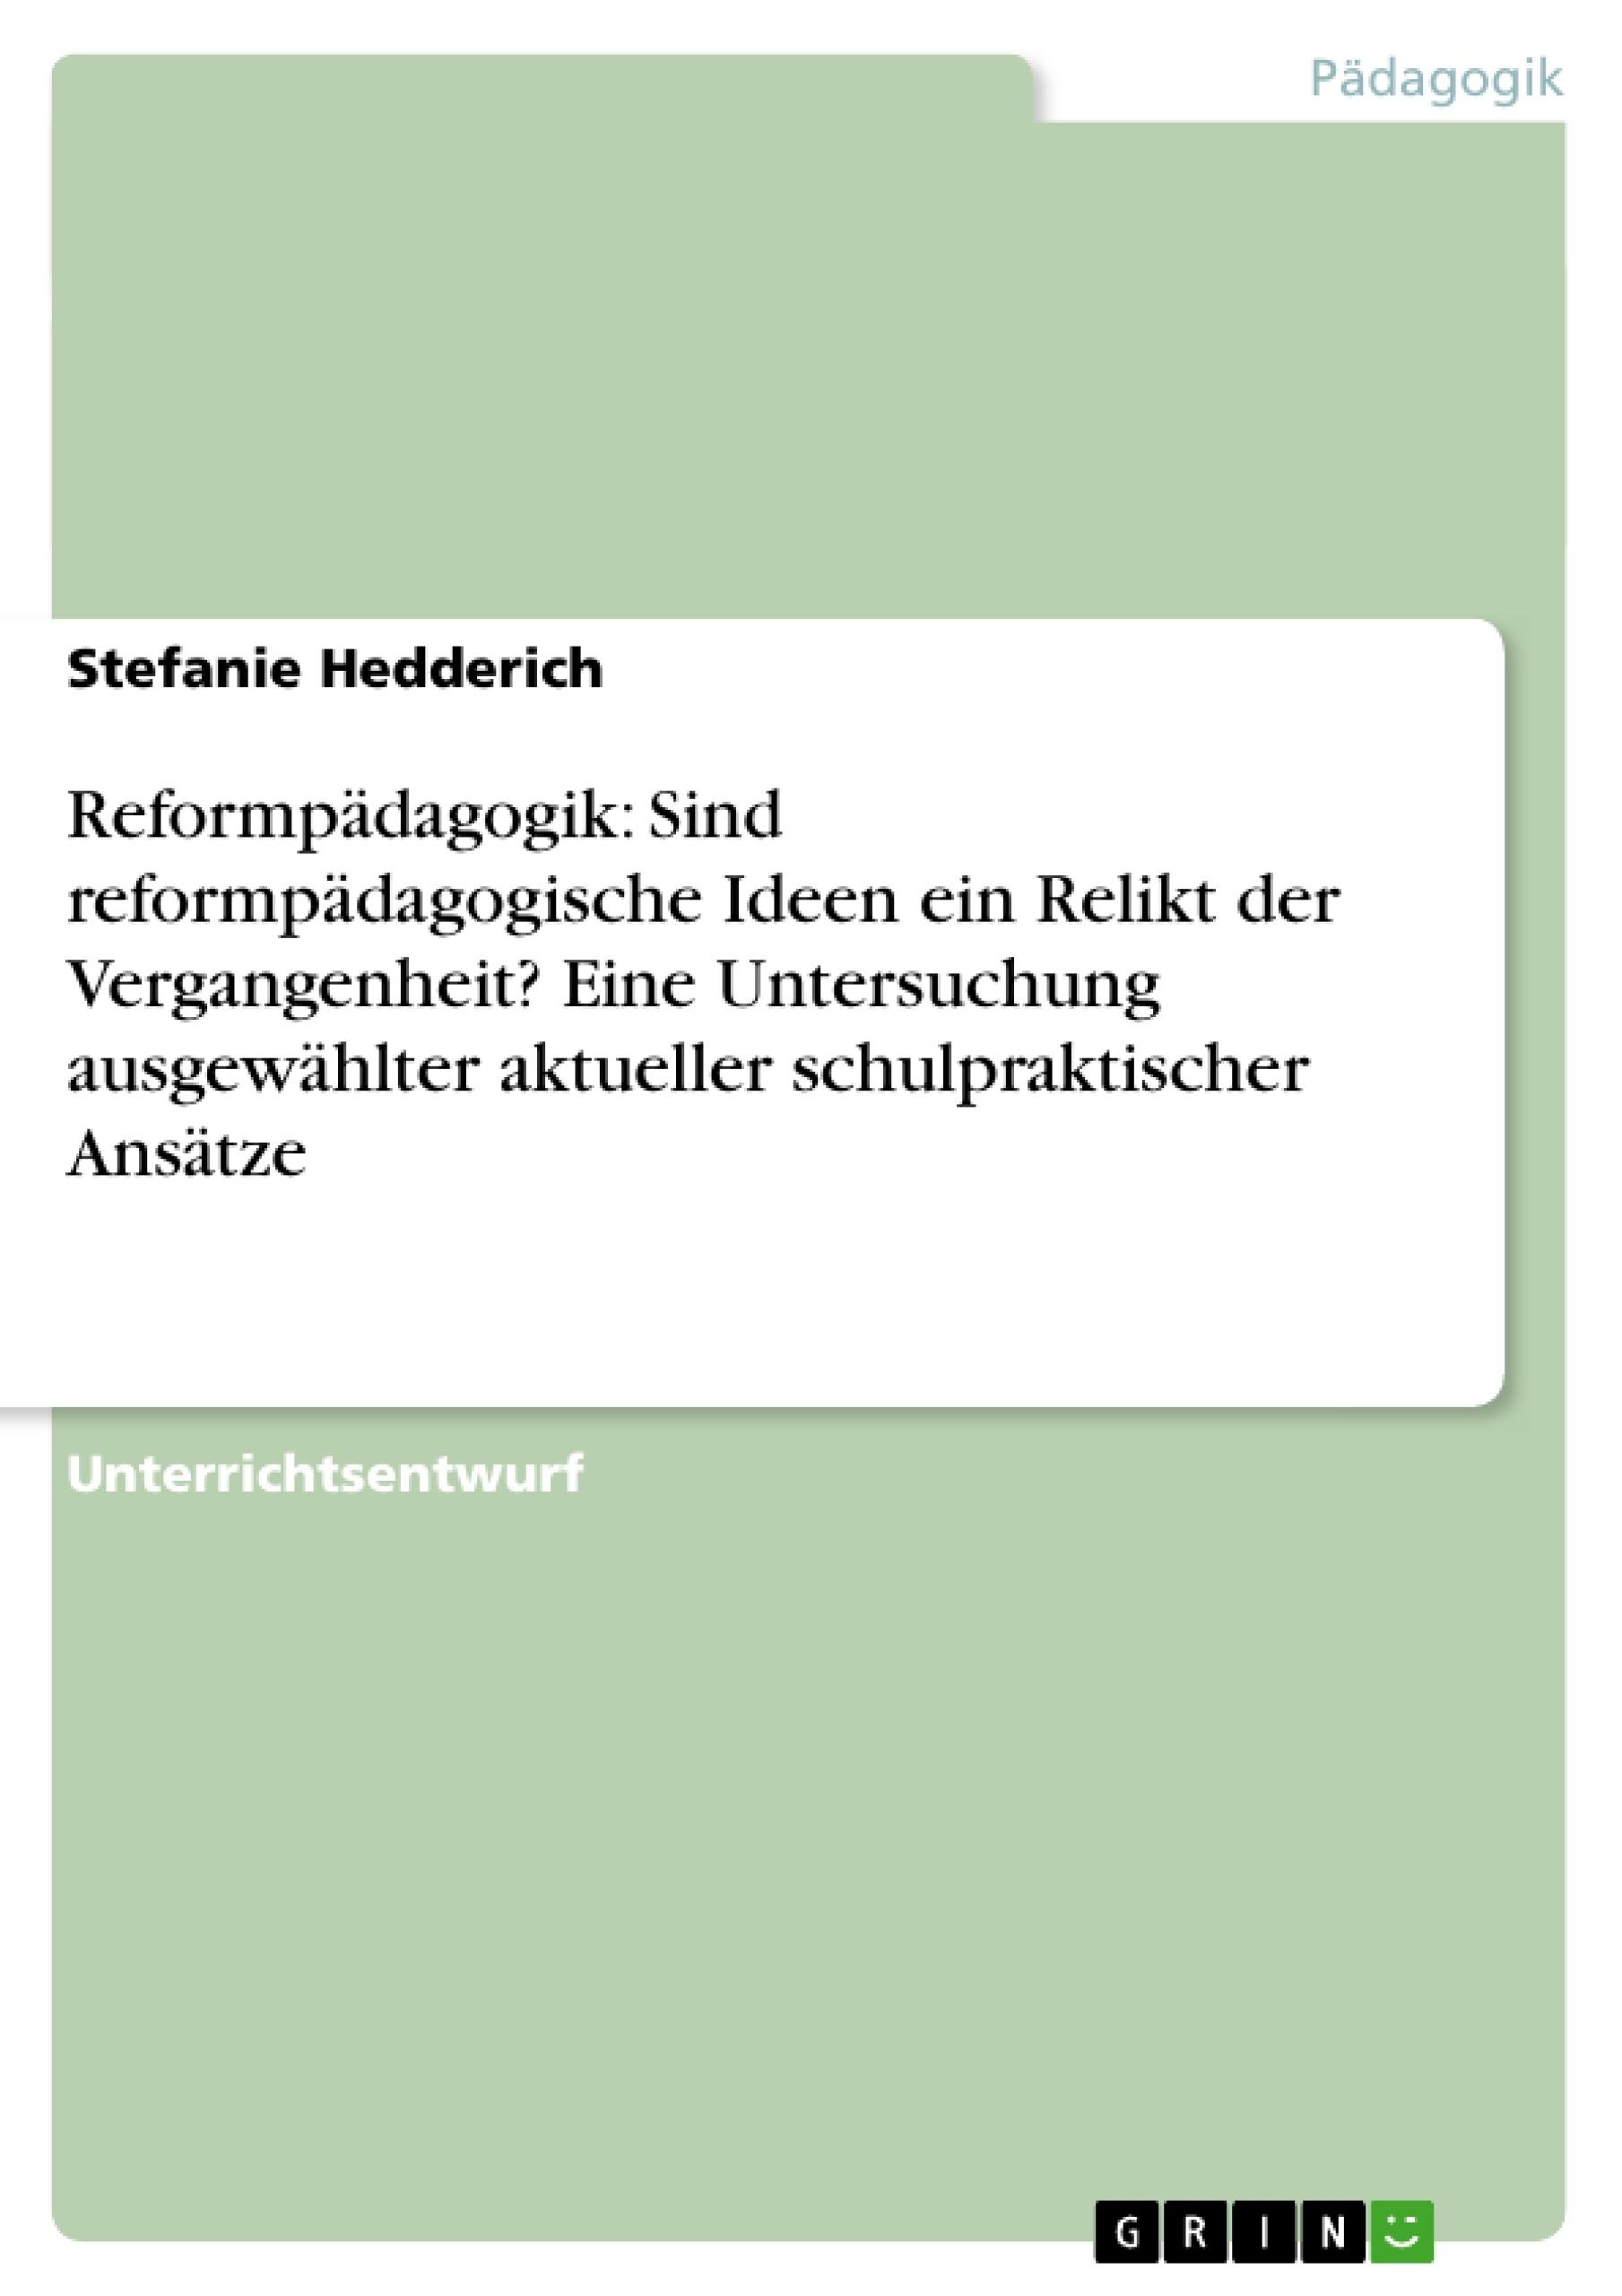 Titel: Reformpädagogik: Sind reformpädagogische Ideen ein Relikt der Vergangenheit?  Eine Untersuchung ausgewählter aktueller schulpraktischer Ansätze